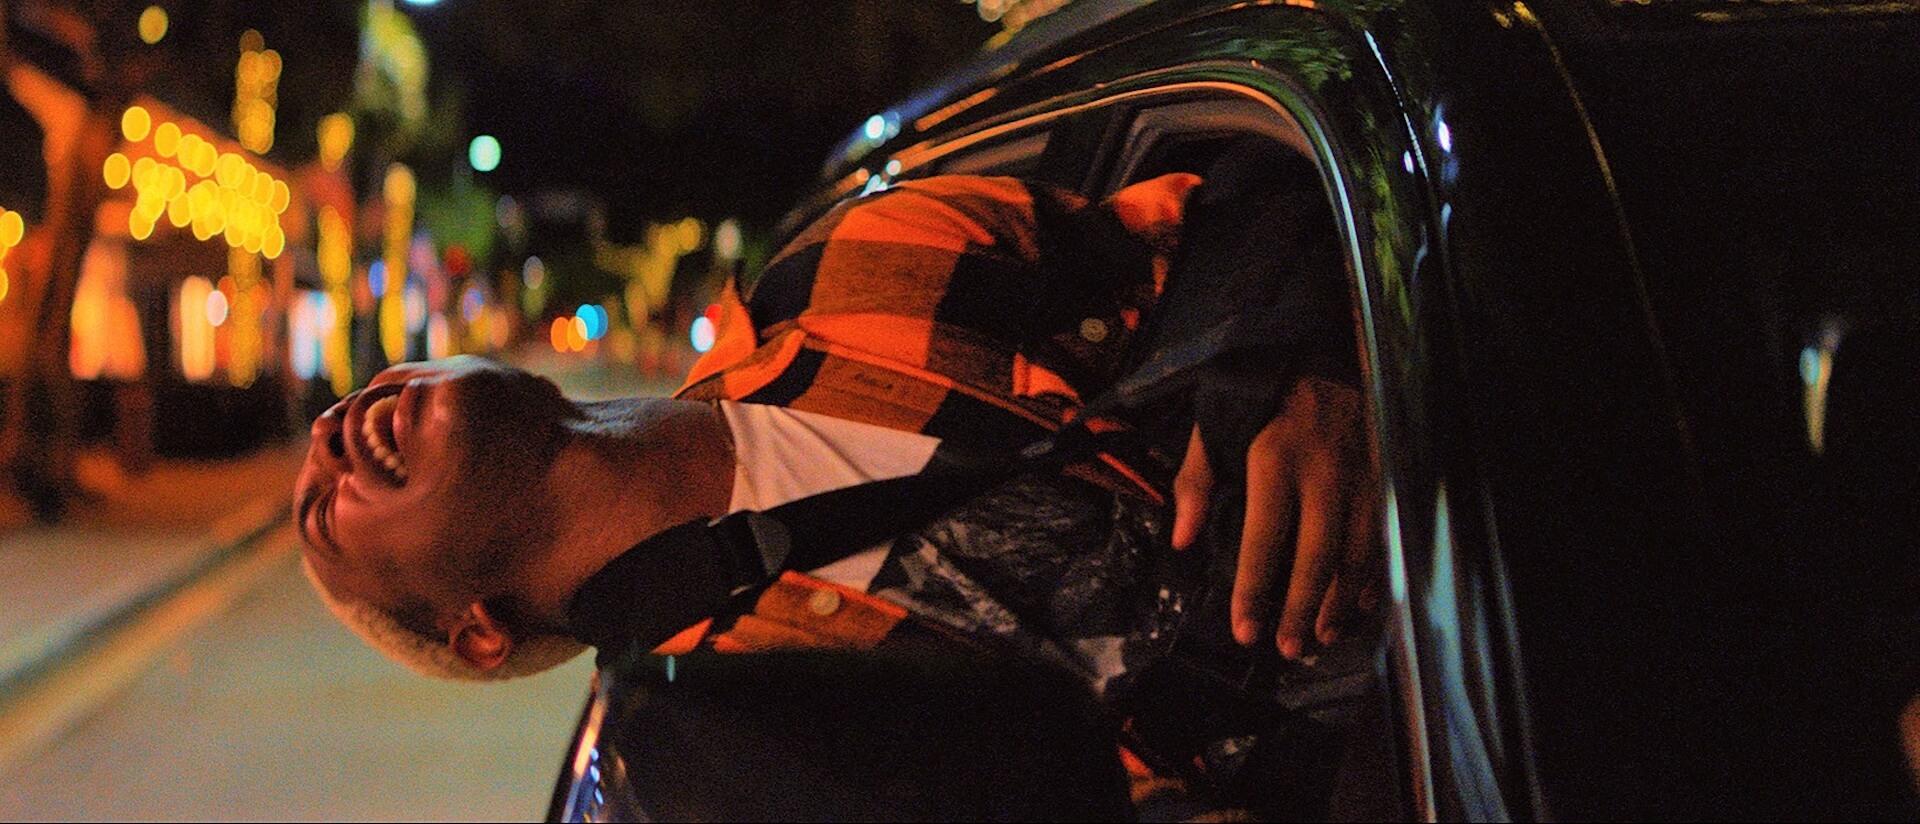 フランク・オーシャン、ケンドリック・ラマーらが彩るA24最新作『WAVES/ウェイブス』が4月公開決定!場面スチール&海外版予告が解禁 film200110_waves_2